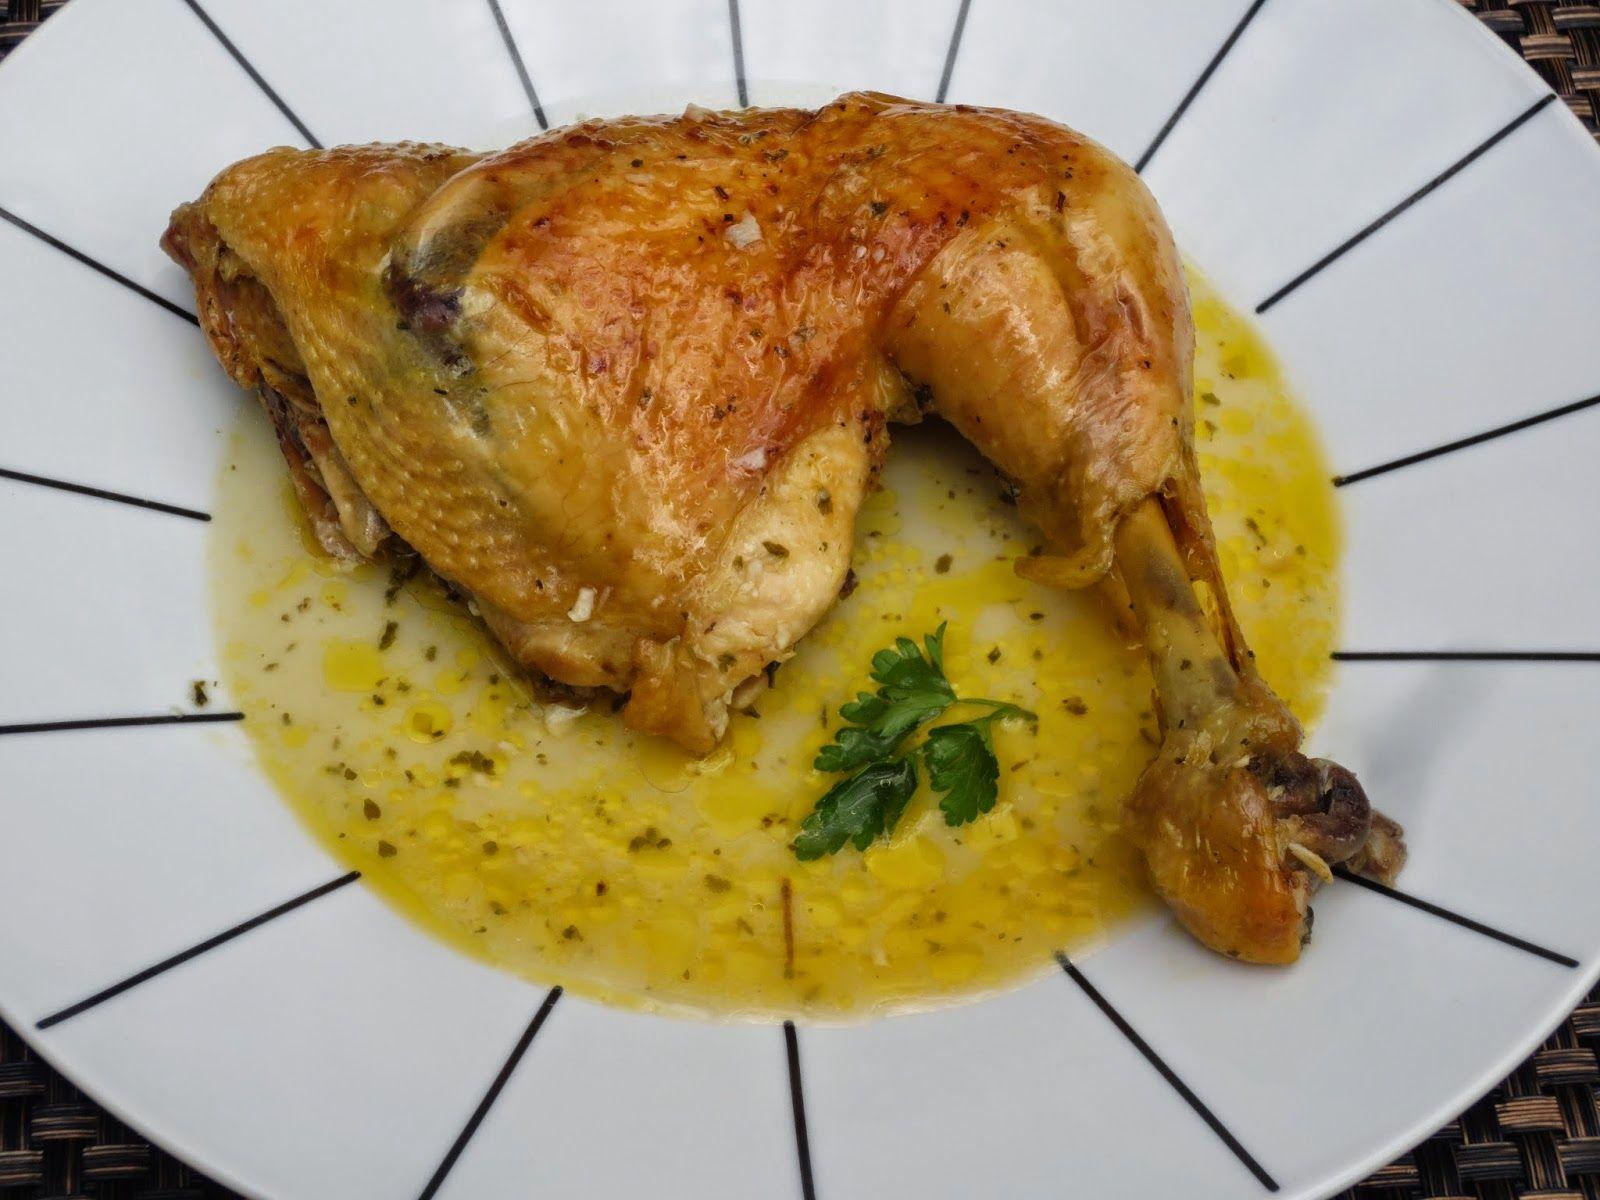 Pollo Asado En Su Jugo En Bolsa De Asar Ana Sevilla Olla Gm Recetas Con Pollo Pollo Olla Gm Pollo Al Jugo